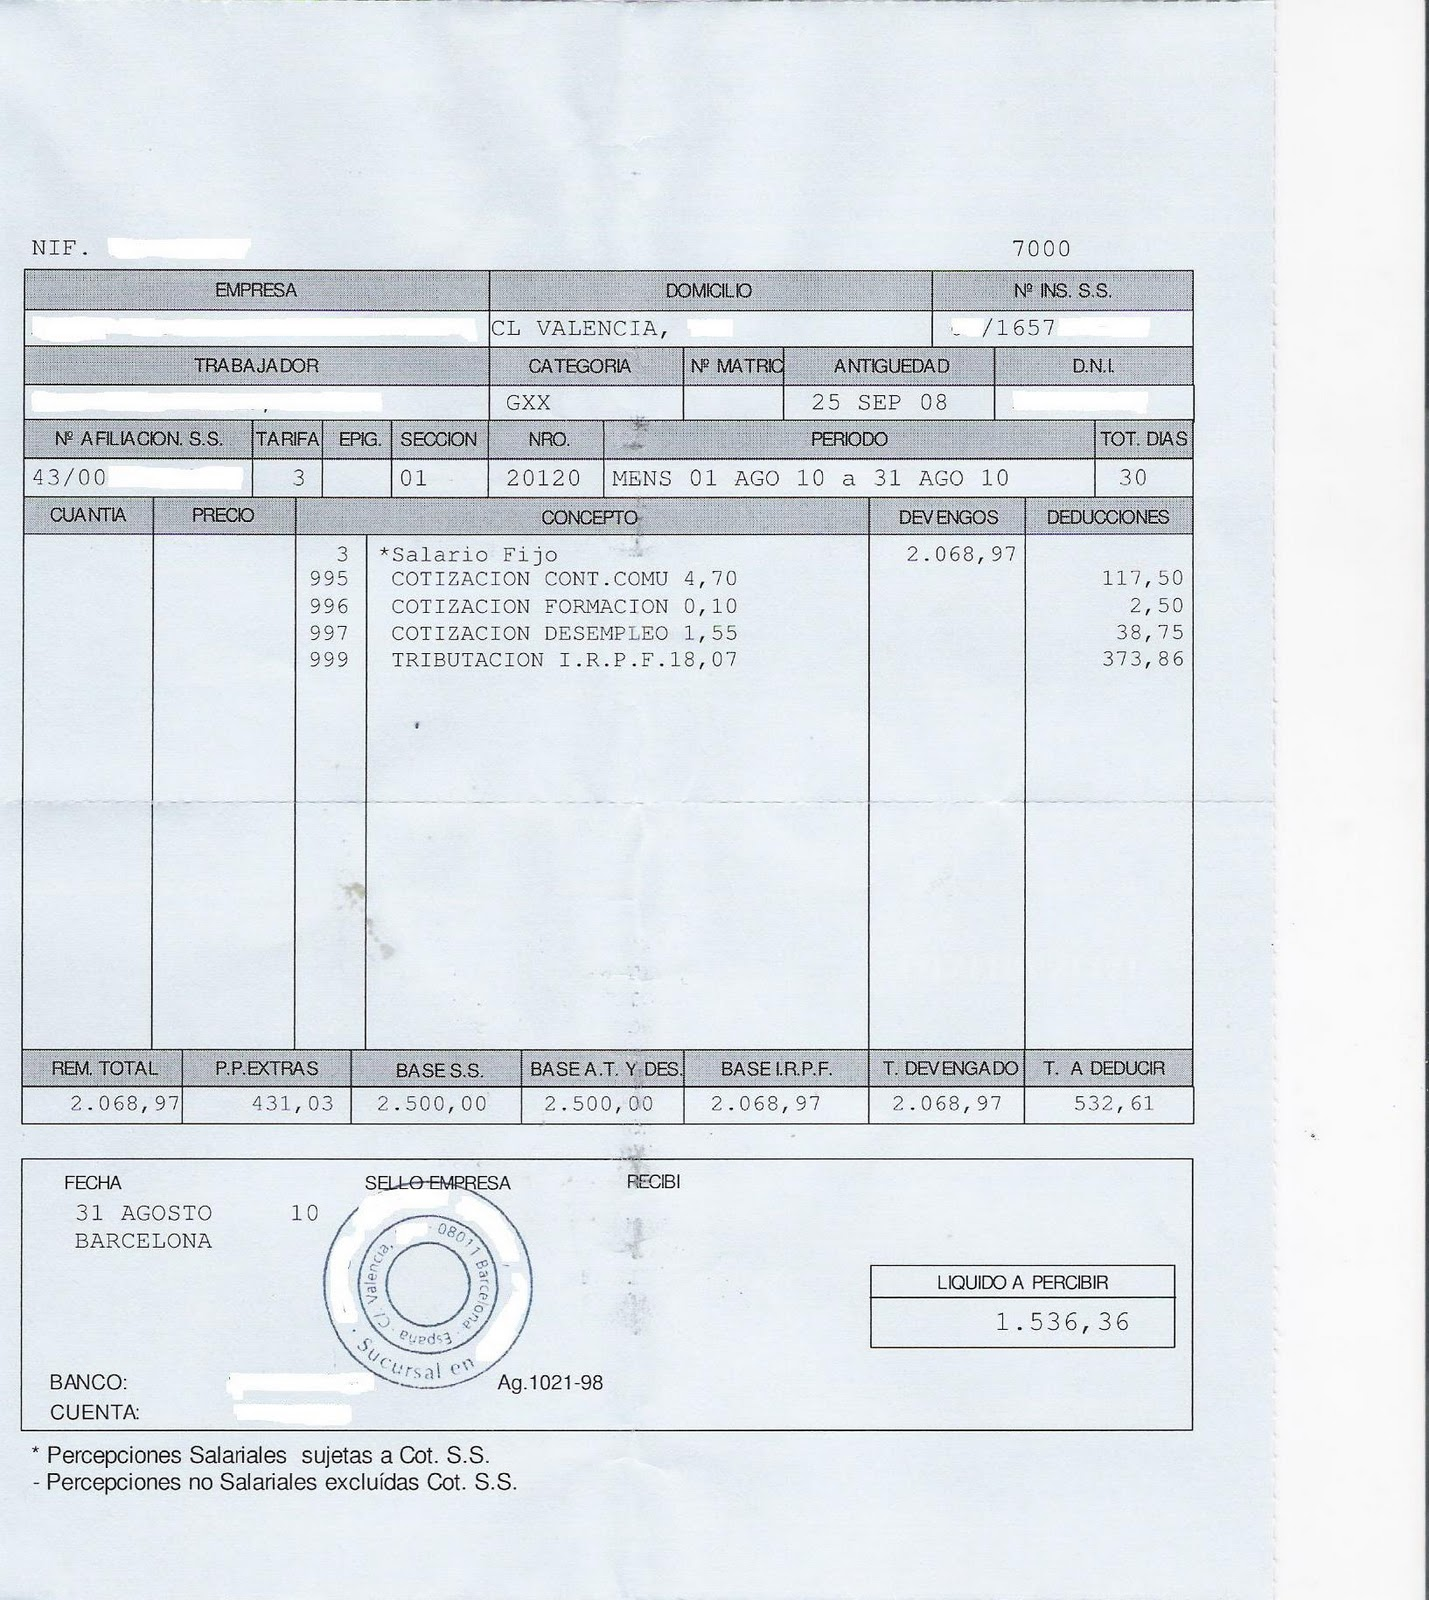 Formatos Recibos Nomina Modelo De Recibo Formato Recibo